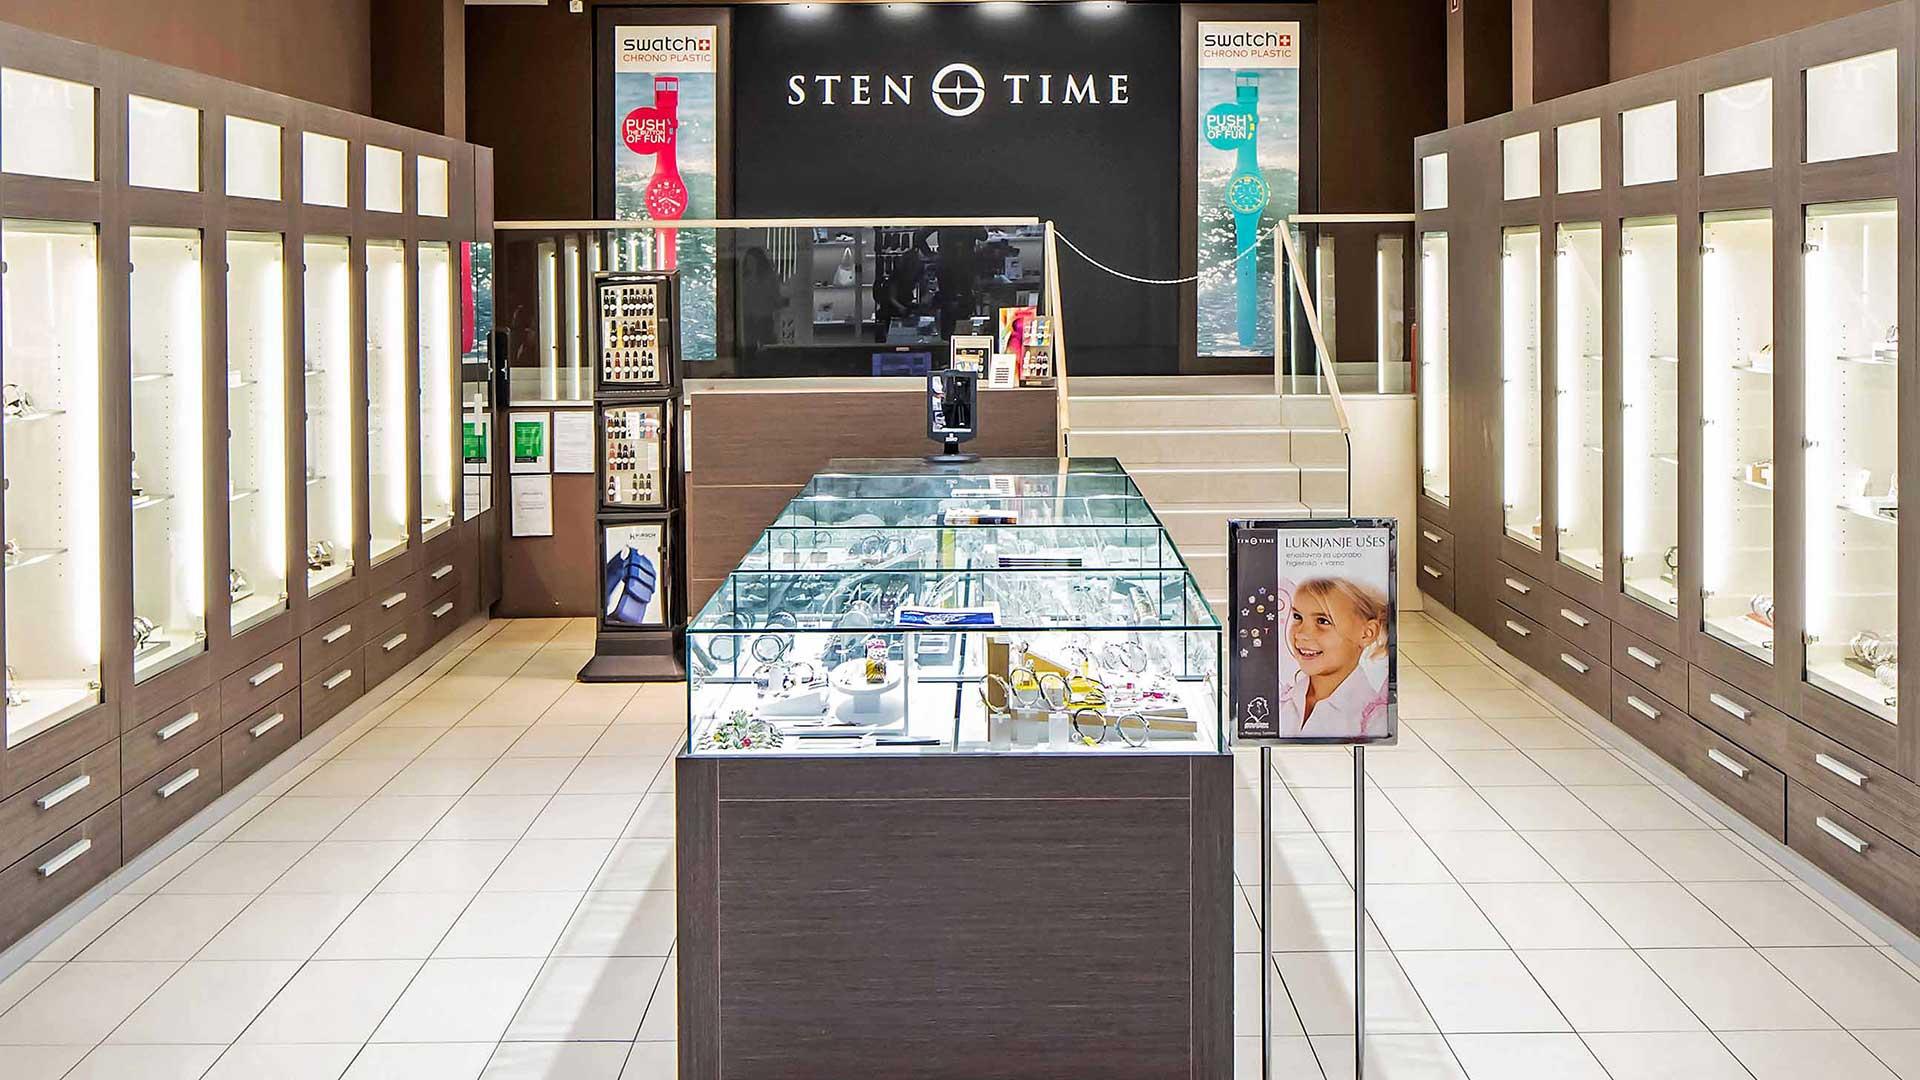 Sten Time, urarstvo